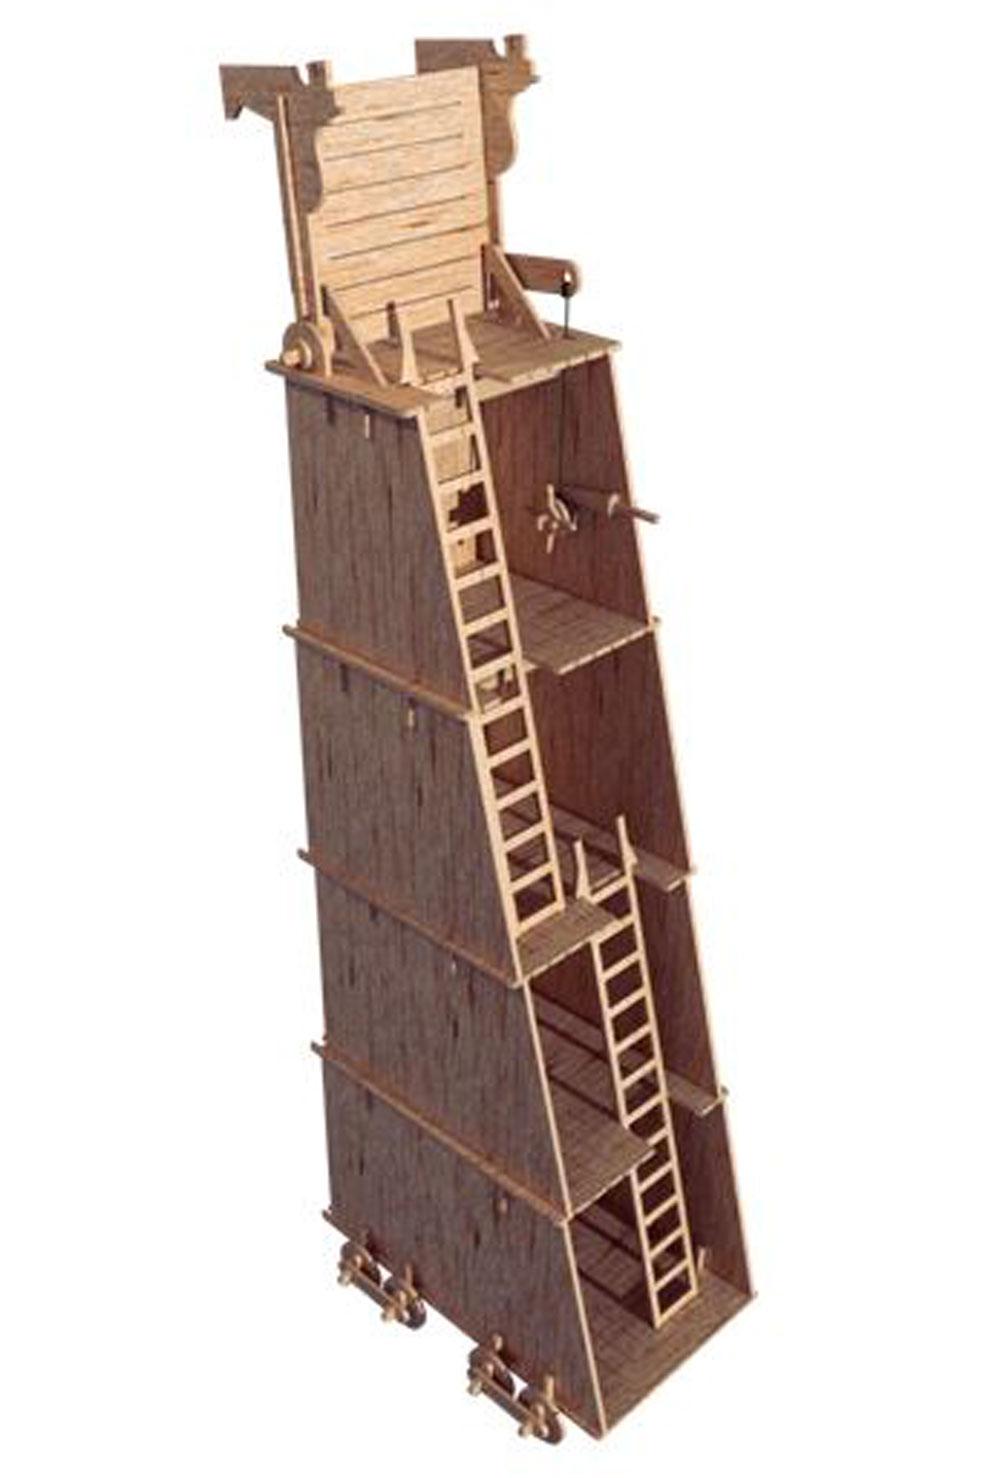 Siege Ladder : siege, ladder, Endwood, Castle, Siege, Tower, Weapon, Castles, MakeCNC.com